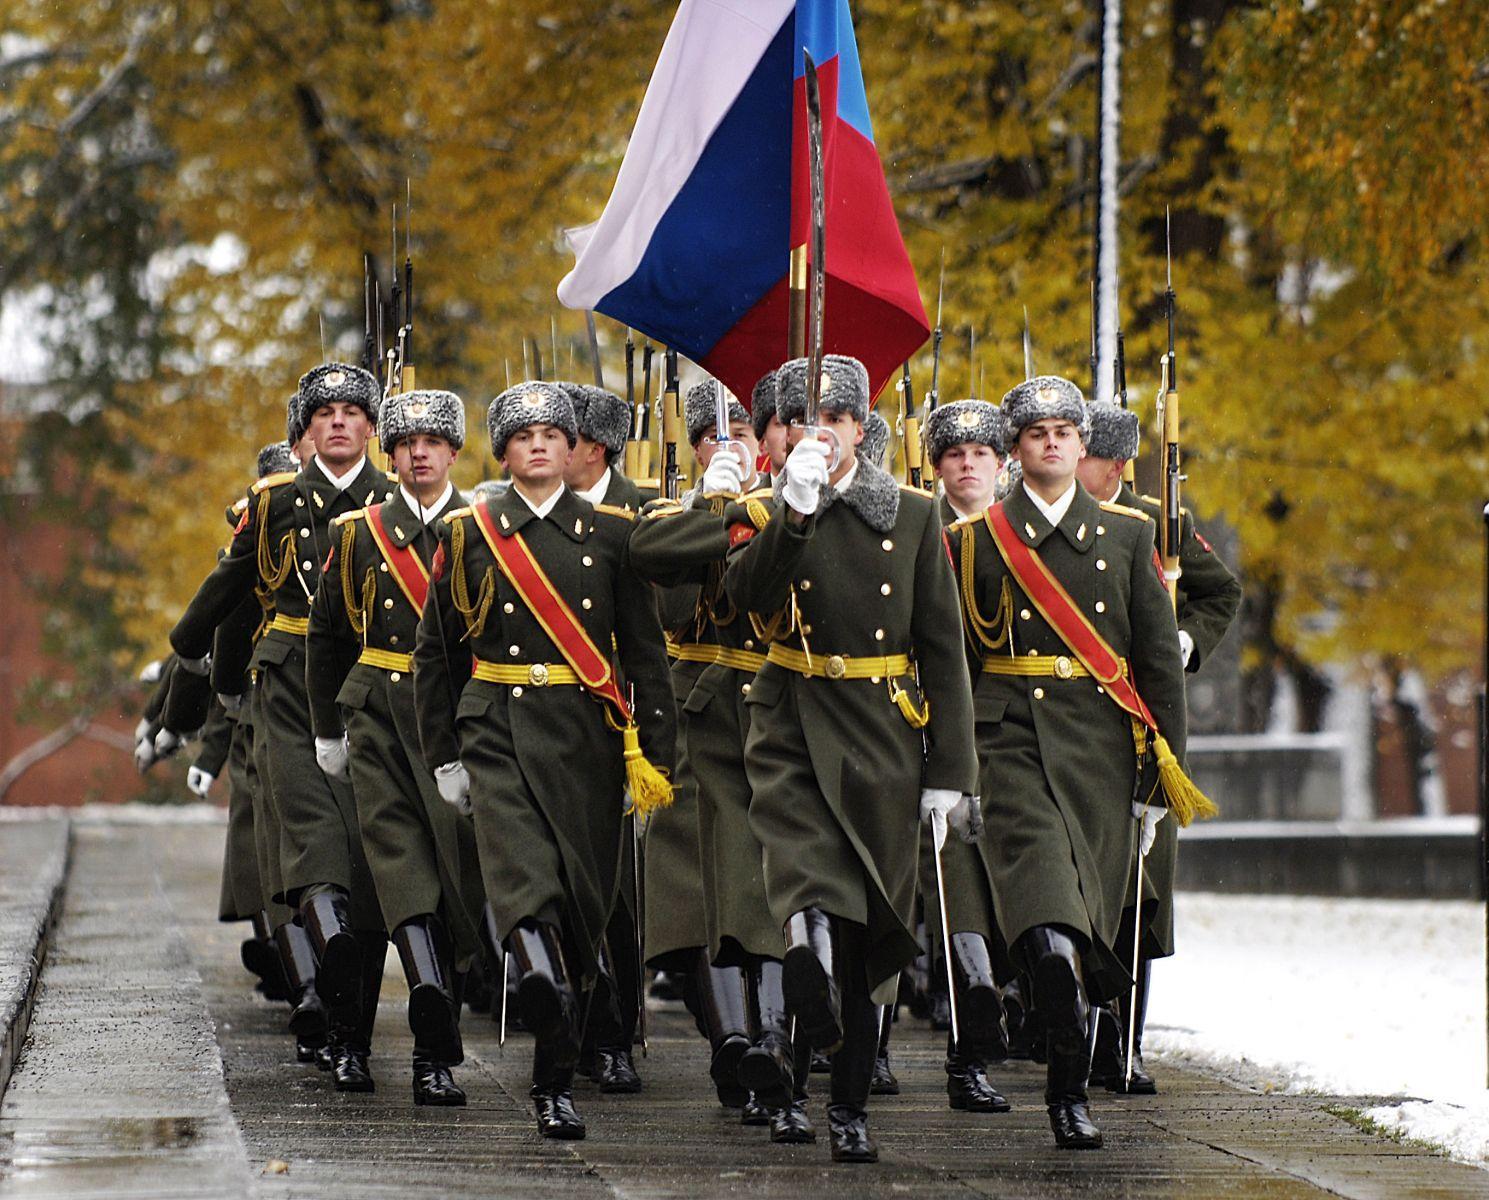 День окончания Второй мировой войны День патрульно-постовой службы полиции День российской гвардии и Самойлов день